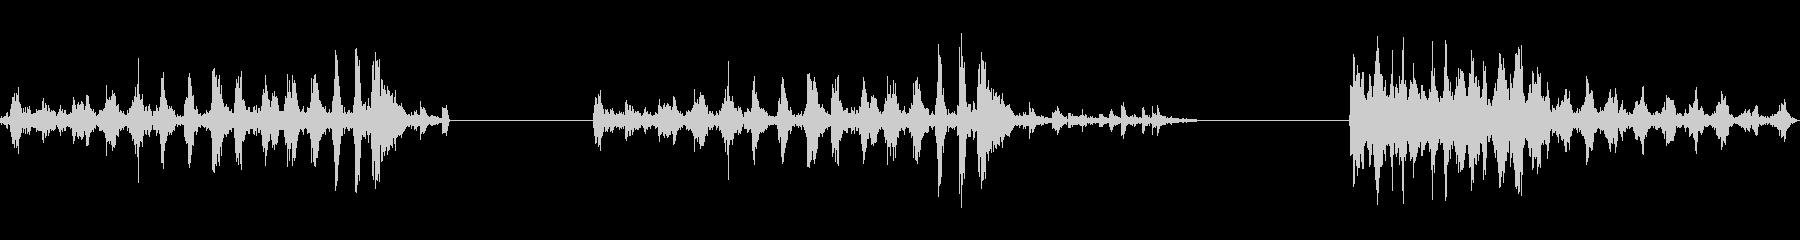 マンホールカバー:ヘビースピニング...の未再生の波形